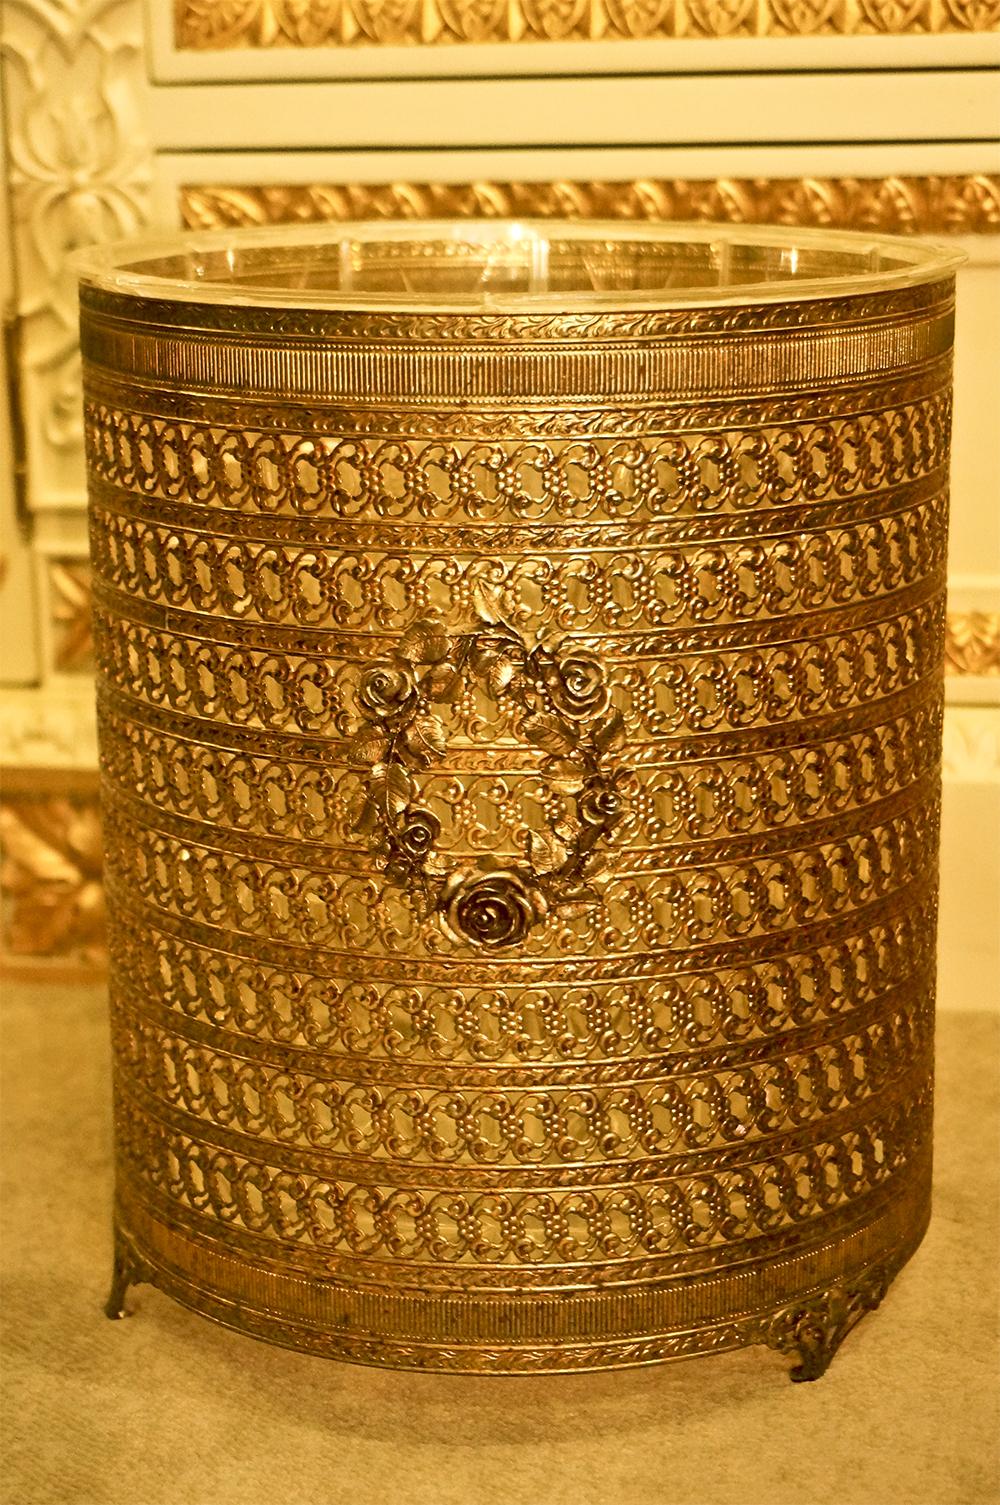 Sold: マトソン製 ローズリース ゴミ箱